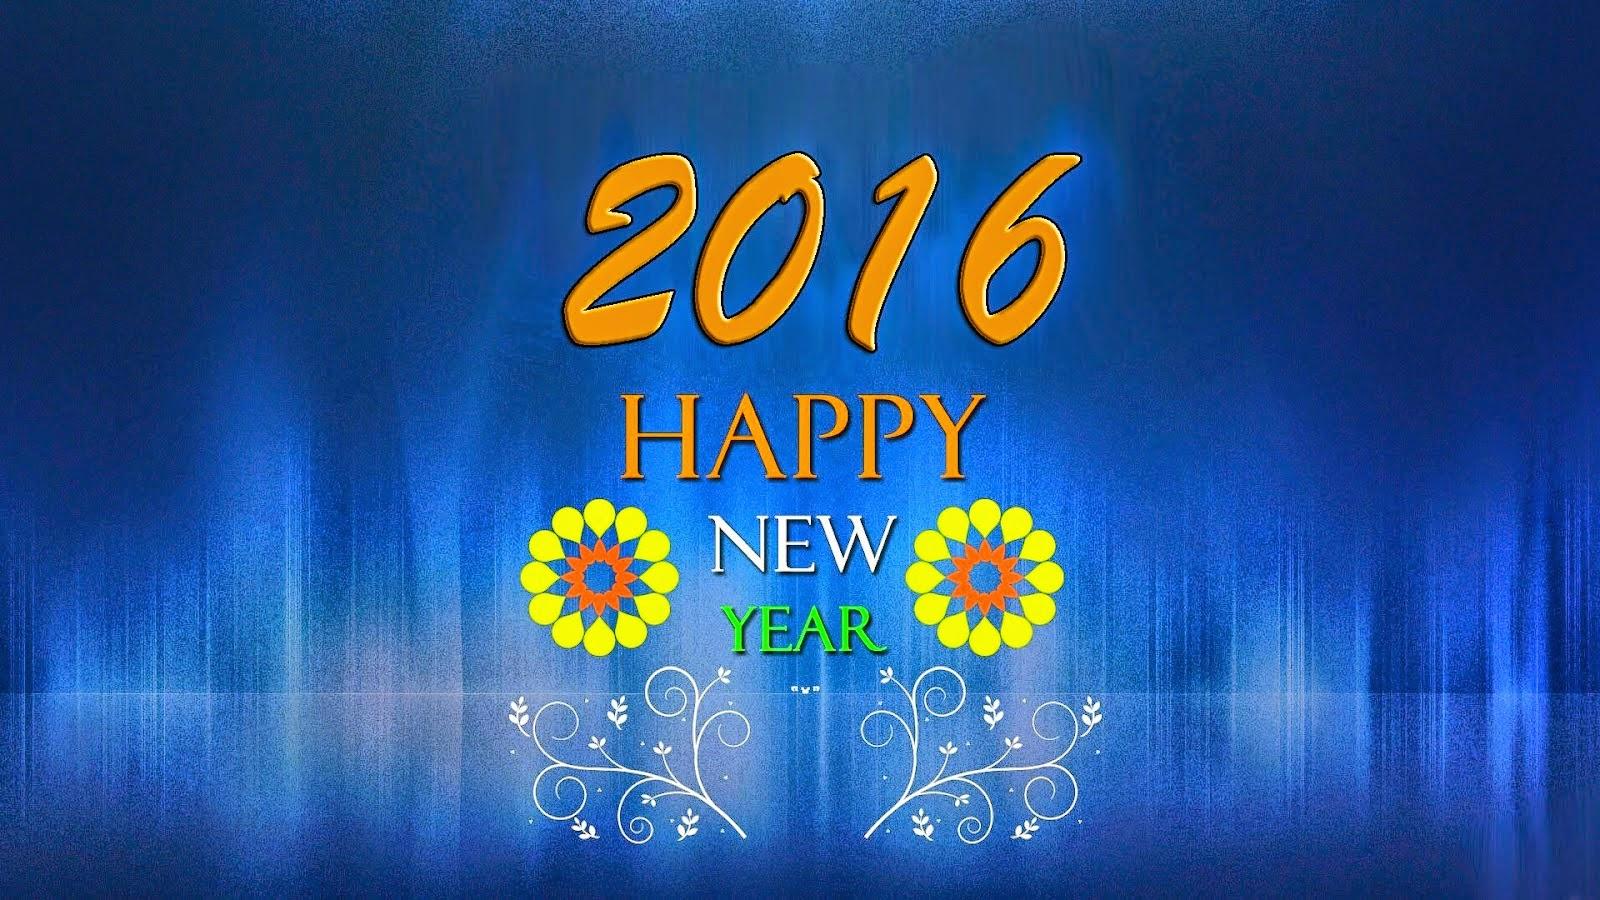 hình nền chúc mừng năm mới dẹp nhất